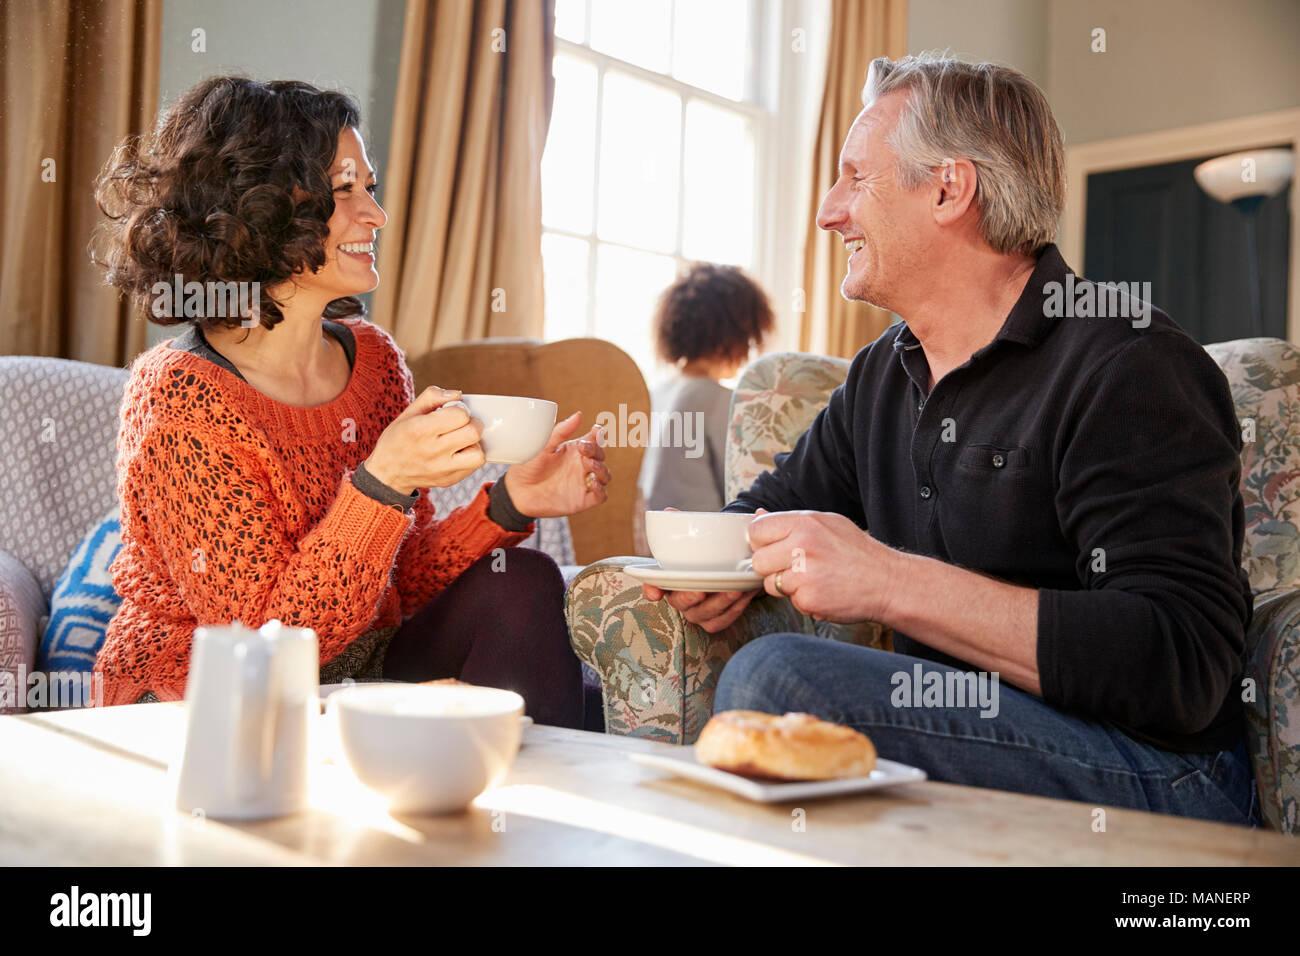 Pareja de mediana edad sentado en torno a una mesa en la cafetería. Foto de stock